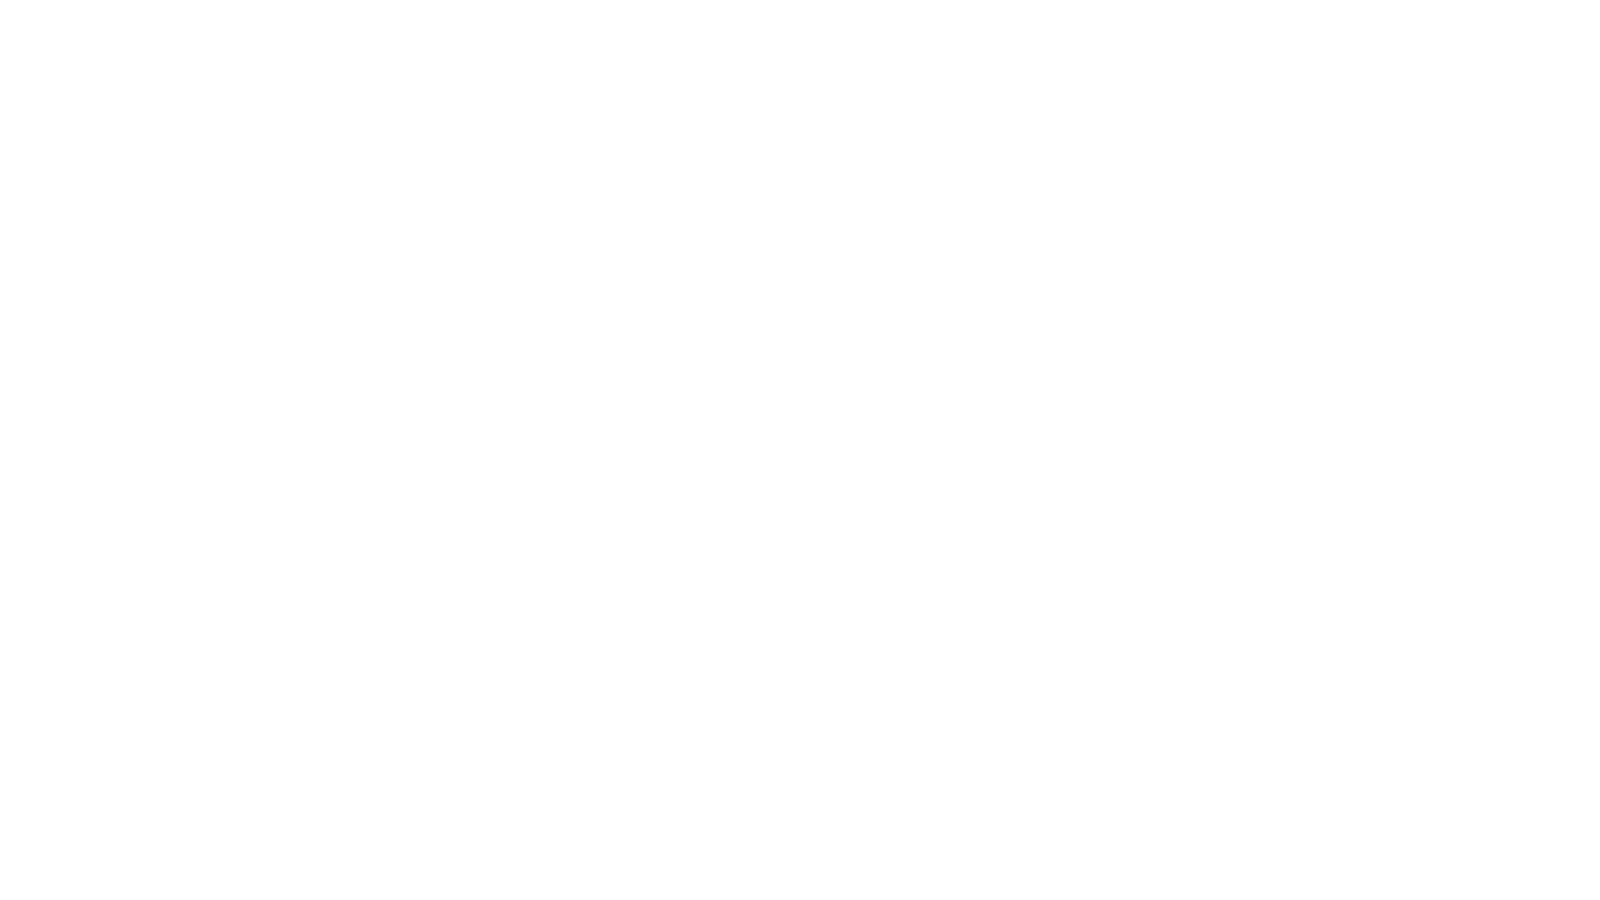 Tetris – komputerowa gra logiczna stworzona przez Aleksieja Pażytnowa i jego współpracowników, Dimitrija Pawłowskiego i Wadima Geriasimowa. Pojawiła się na rynku po raz pierwszy 6 czerwca 1984 roku w Związku Radzieckim. Oryginalna wersja powstała podczas pracy zespołu Pażytnowa w Akademii Nauk ZSRR w Moskwie na komputerze Elektronika 60. Jest to jedna z najbardziej znanych gier komputerowych, posiadająca dużą liczbę różnorodnych wariacji i wariantów. Do powstania gry zainspirowała Pażytnowa układanka Pentomino.  Twintris  Published:1990, Digital Marketing  Coder:Svein Berge Graphics:Svein Berge Musician:Tor Bernhard Gausen  Hardware:OCS, ECS Disks:1 Players:1 or 2, Simultaneous